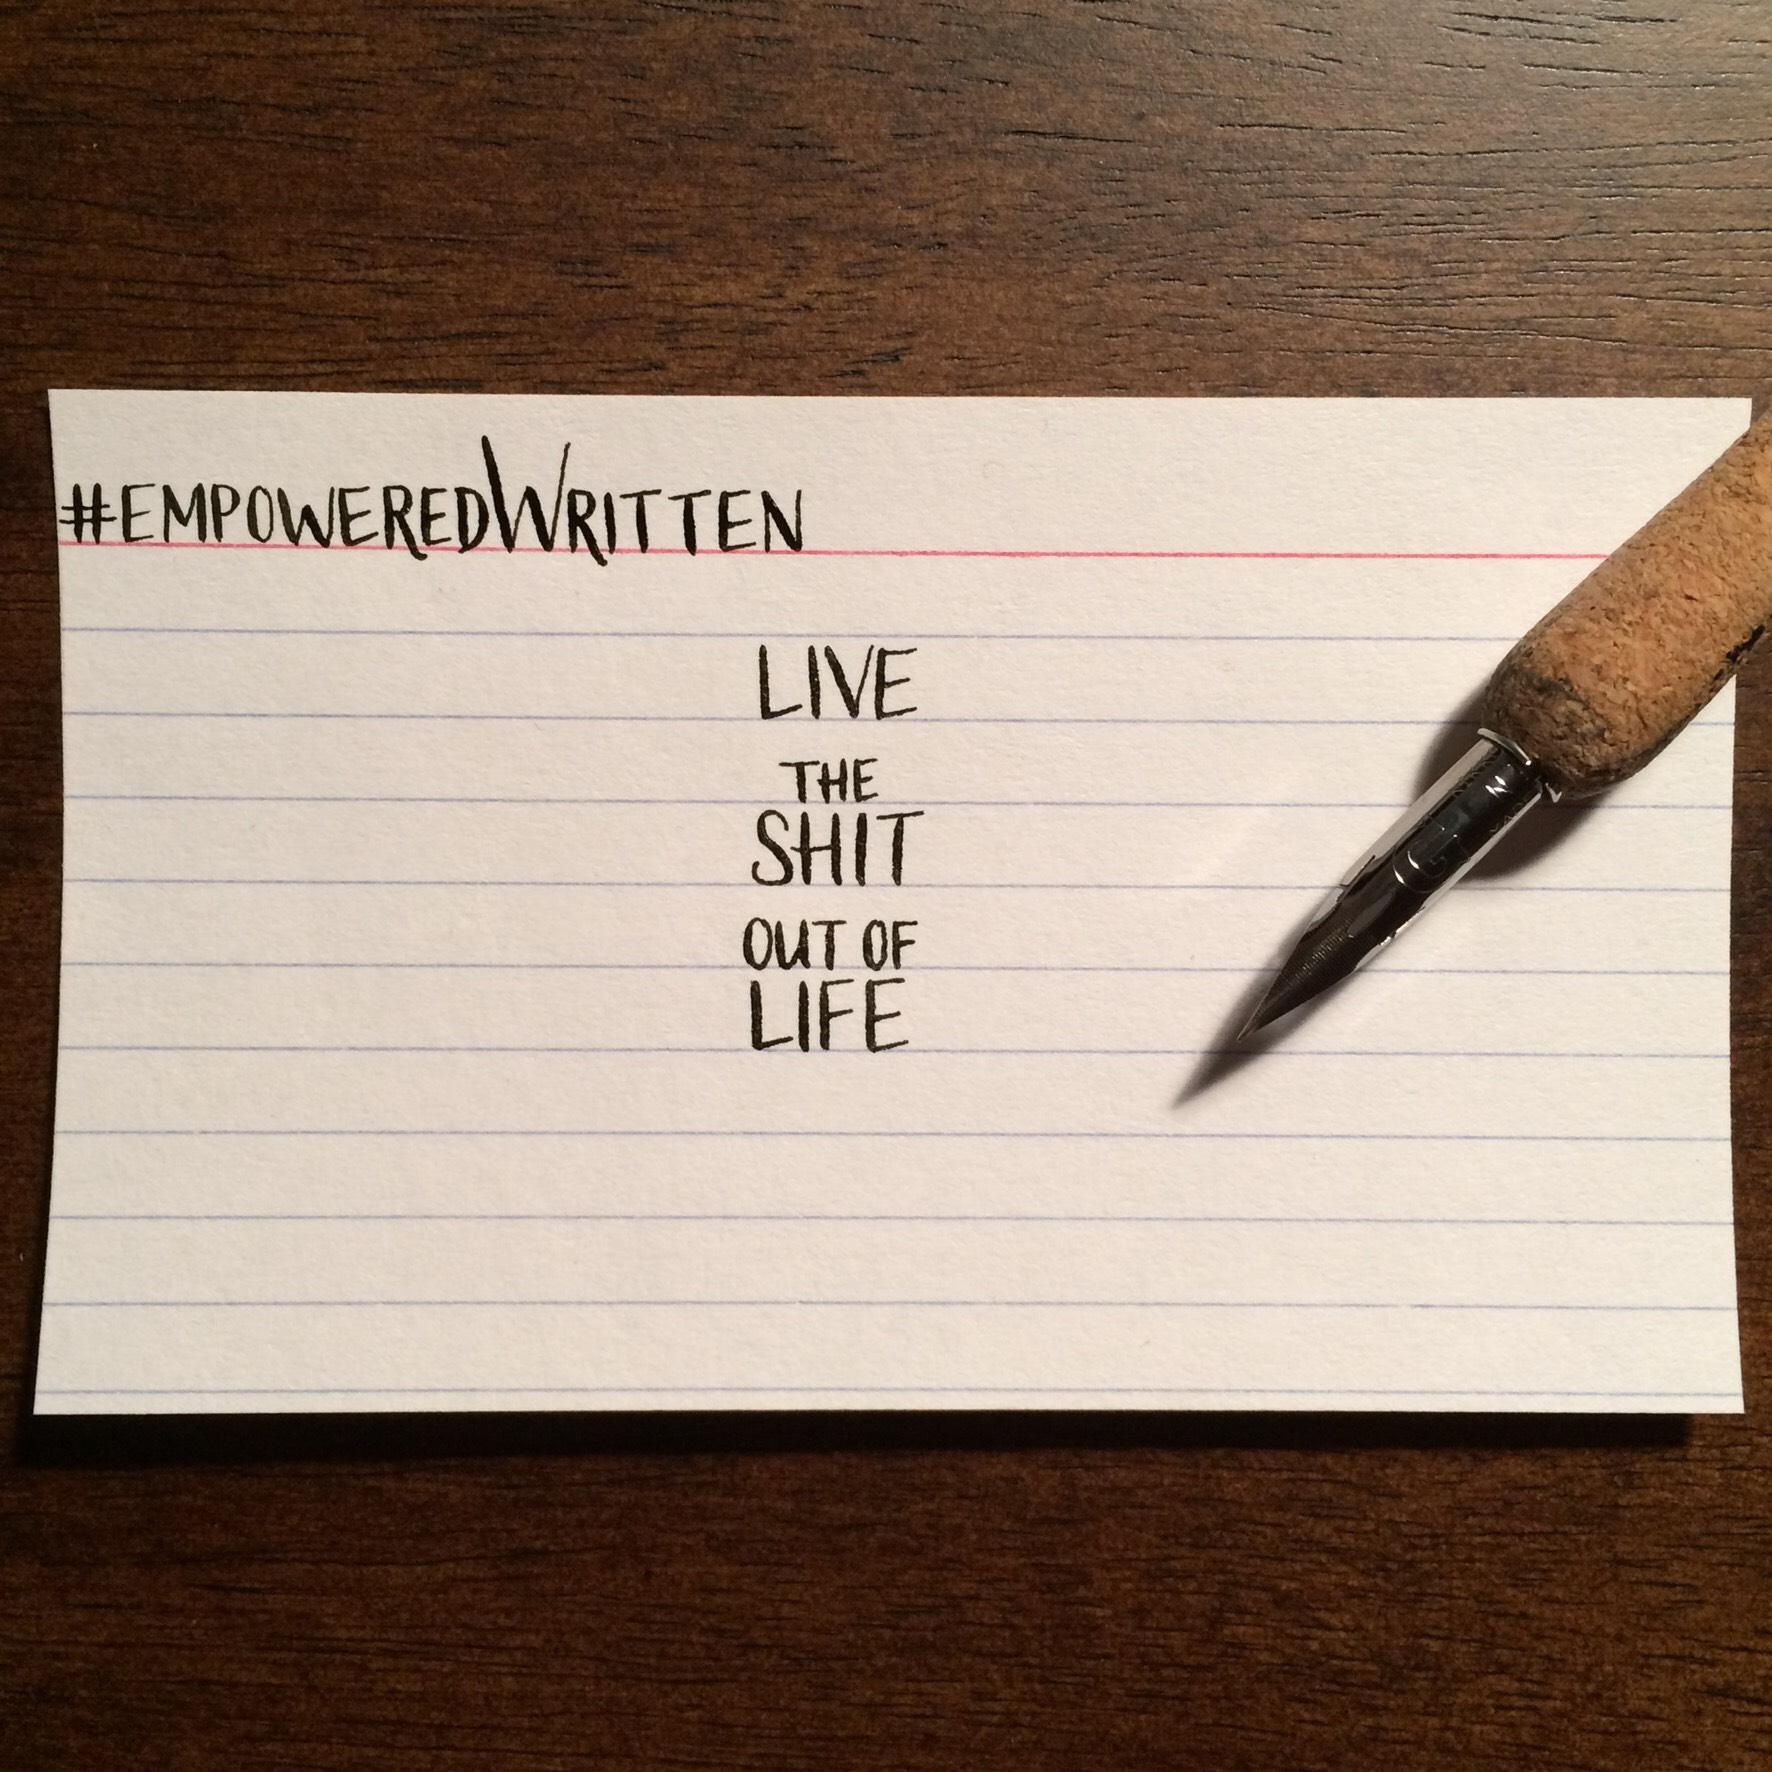 Written Paper Goods - Emma McGowan empoweredWritten